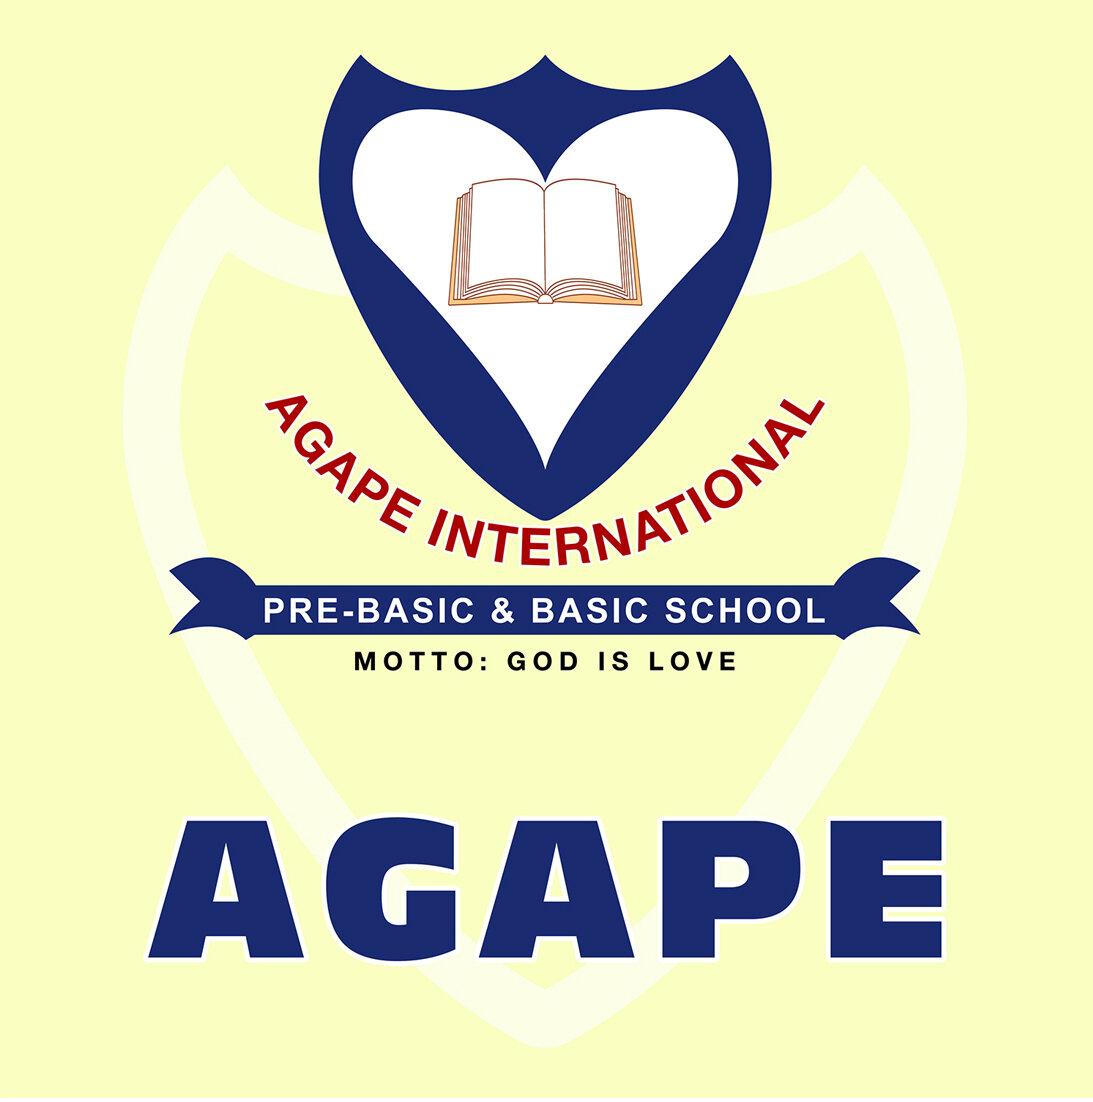 AGAPE_V2_cropped.jpg